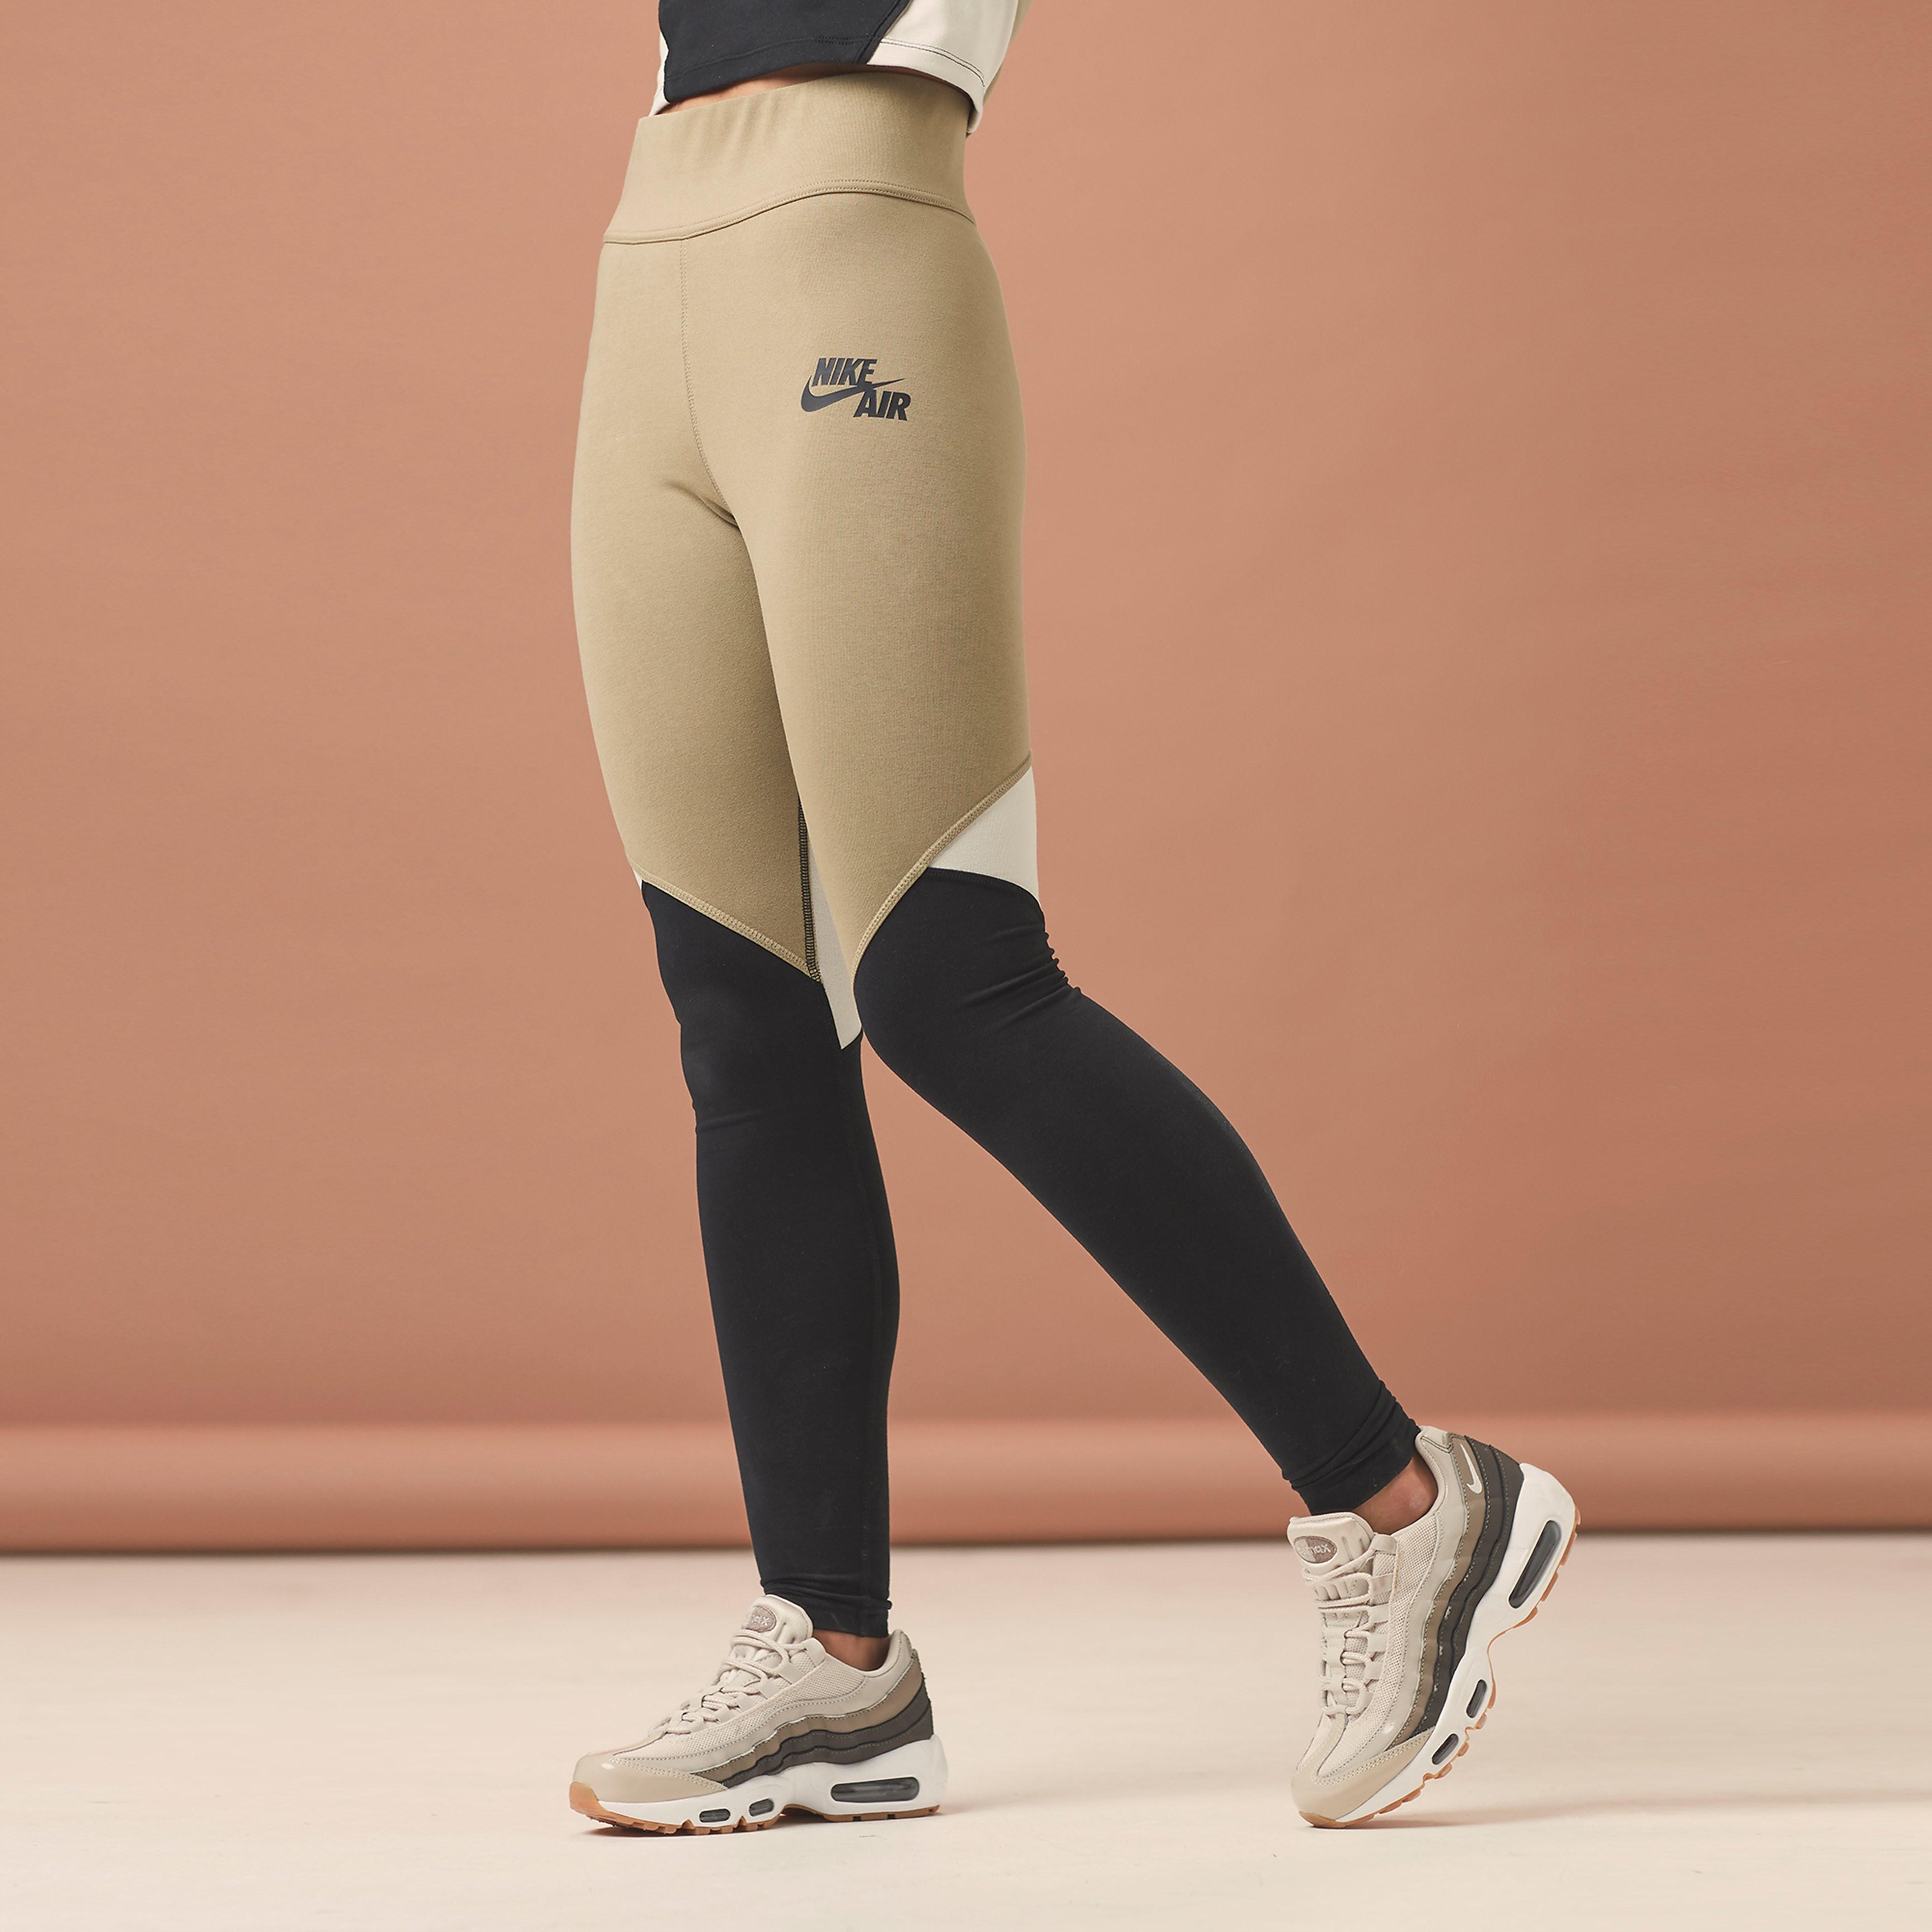 Nike Air Colourblock Leggings